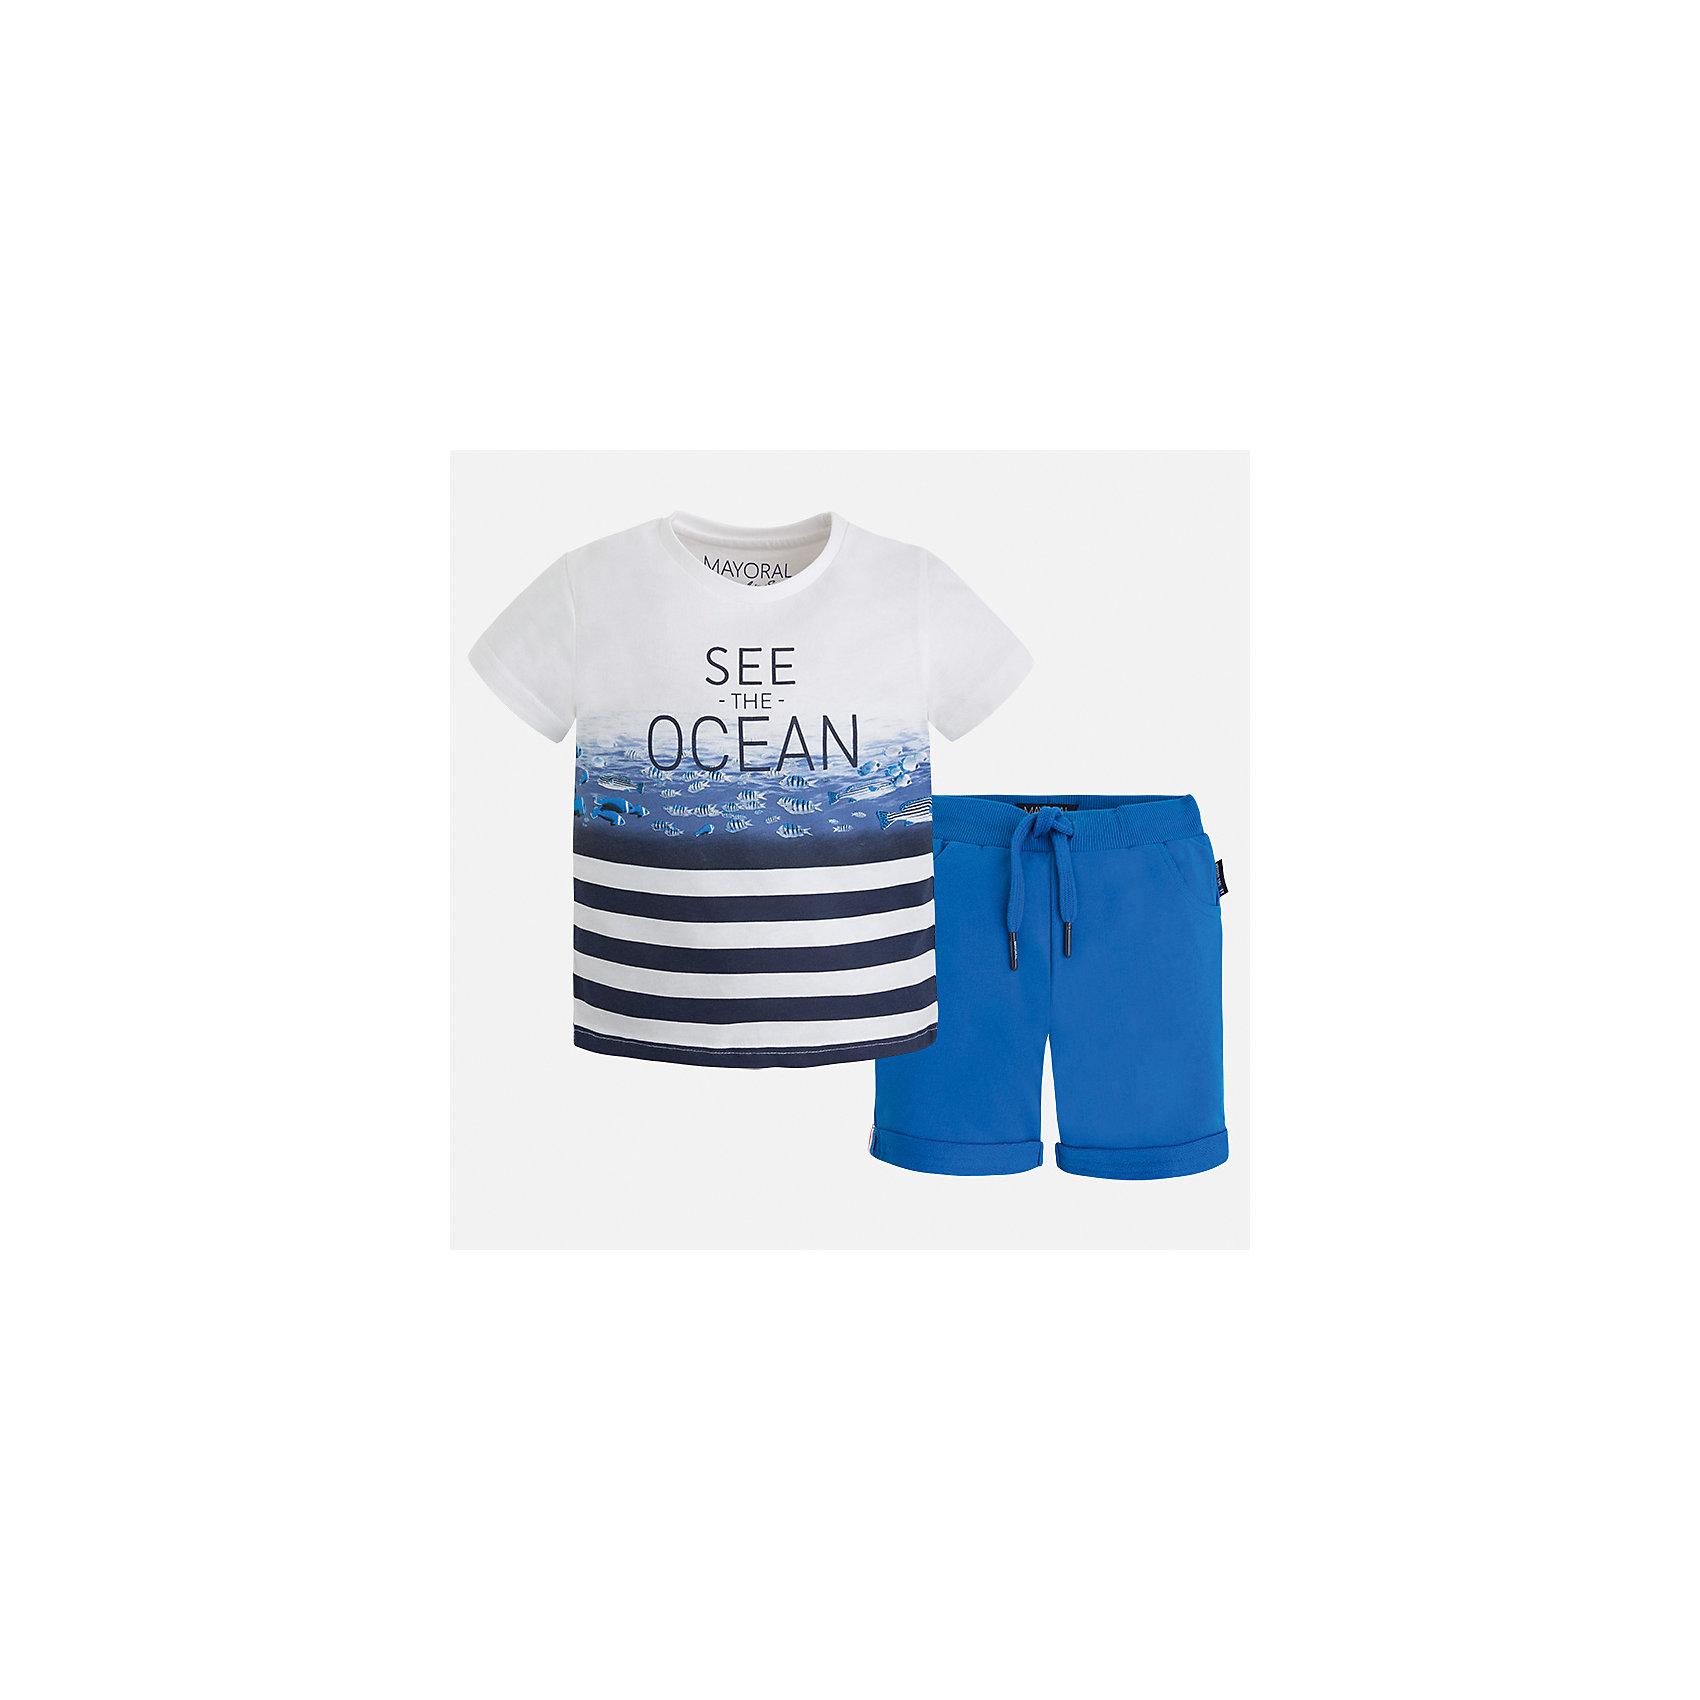 Комплект: бриджи и футболка для мальчика MayoralКомплекты<br>Характеристики товара:<br><br>• цвет: белый/голубой<br>• состав: 100% хлопок<br>• комплектация: футболка, шорты<br>• футболка с принтом<br>• отложной воротник<br>• шорты с карманами<br>• пояс - мягкая резинка и шнурок<br>• отвороты<br>• страна бренда: Испания<br><br>Красивый качественный комплект для мальчика поможет разнообразить гардероб ребенка и удобно одеться в теплую погоду. Интересная отделка модели делает её нарядной и оригинальной. В составе материала - только натуральный хлопок, гипоаллергенный, приятный на ощупь, дышащий.<br><br>Комплект: бриджи и футболка для мальчика от испанского бренда Mayoral (Майорал) можно купить в нашем интернет-магазине.<br><br>Ширина мм: 191<br>Глубина мм: 10<br>Высота мм: 175<br>Вес г: 273<br>Цвет: синий<br>Возраст от месяцев: 18<br>Возраст до месяцев: 24<br>Пол: Мужской<br>Возраст: Детский<br>Размер: 92,104,134,128,122,116,110,98<br>SKU: 5281027